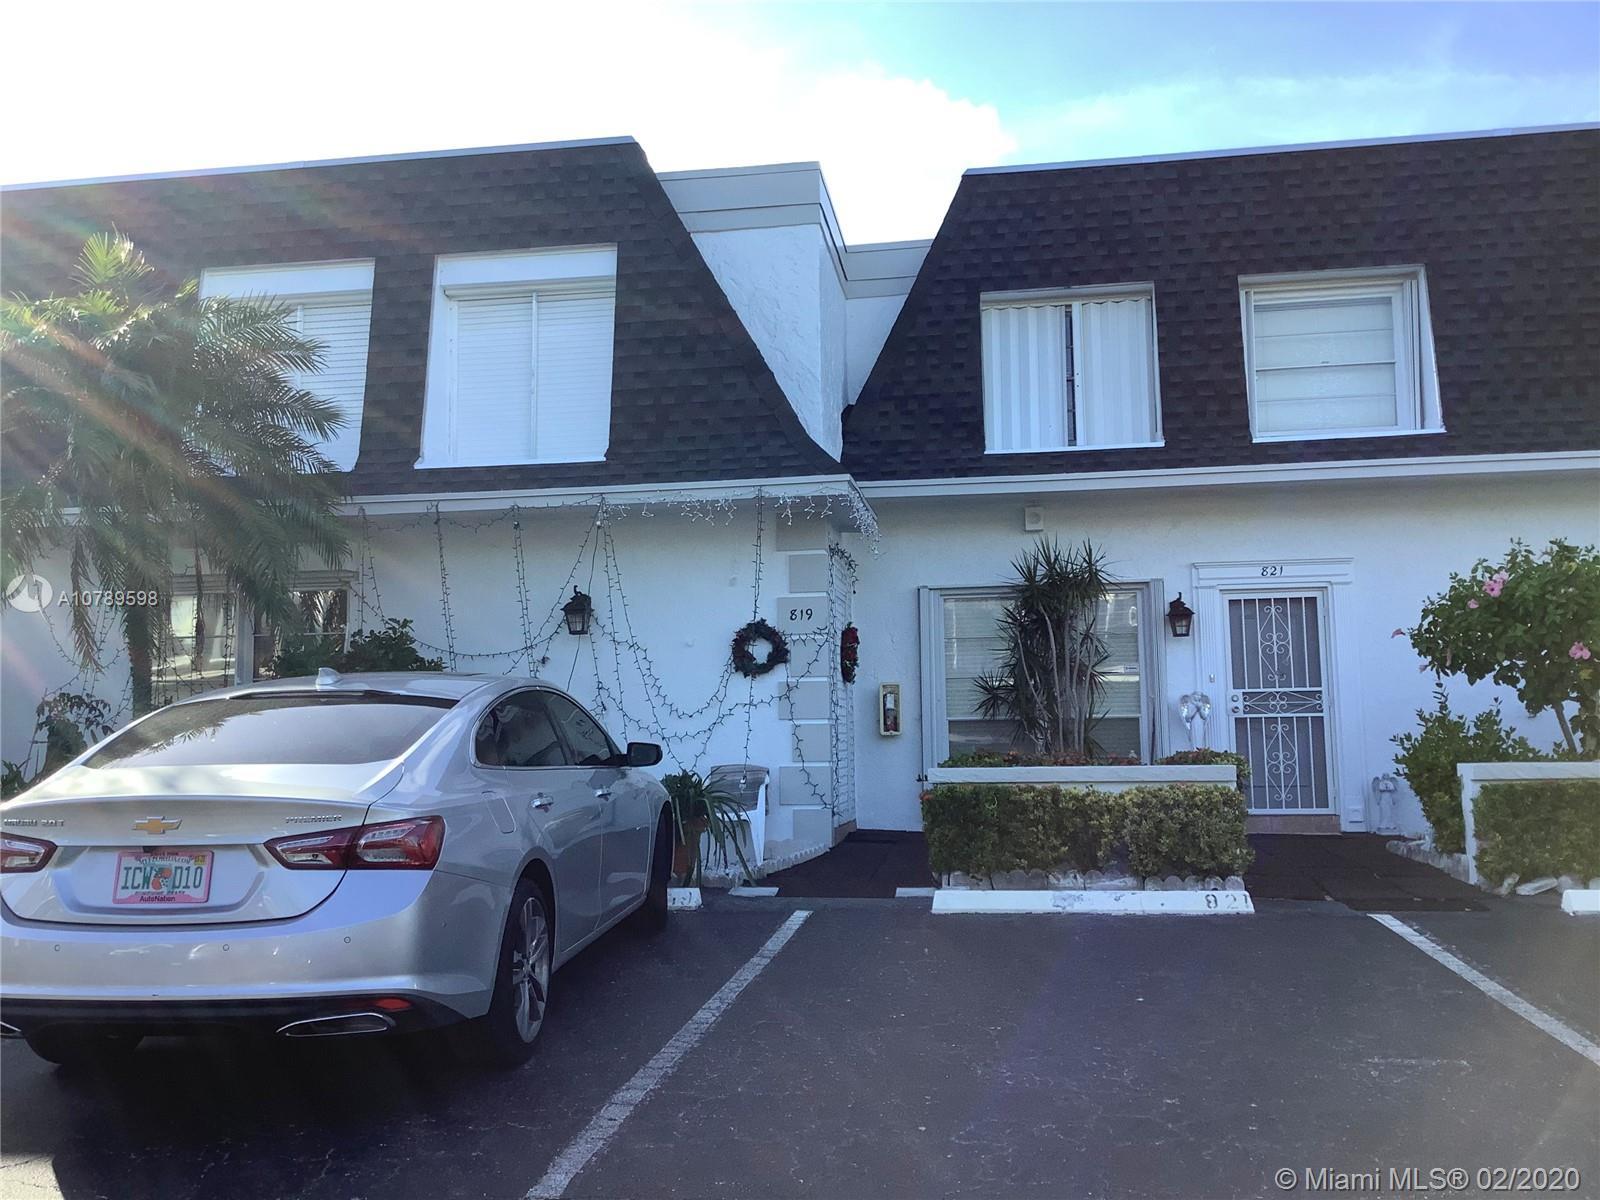 819 NE 26th Ave #819 For Sale A10789598, FL